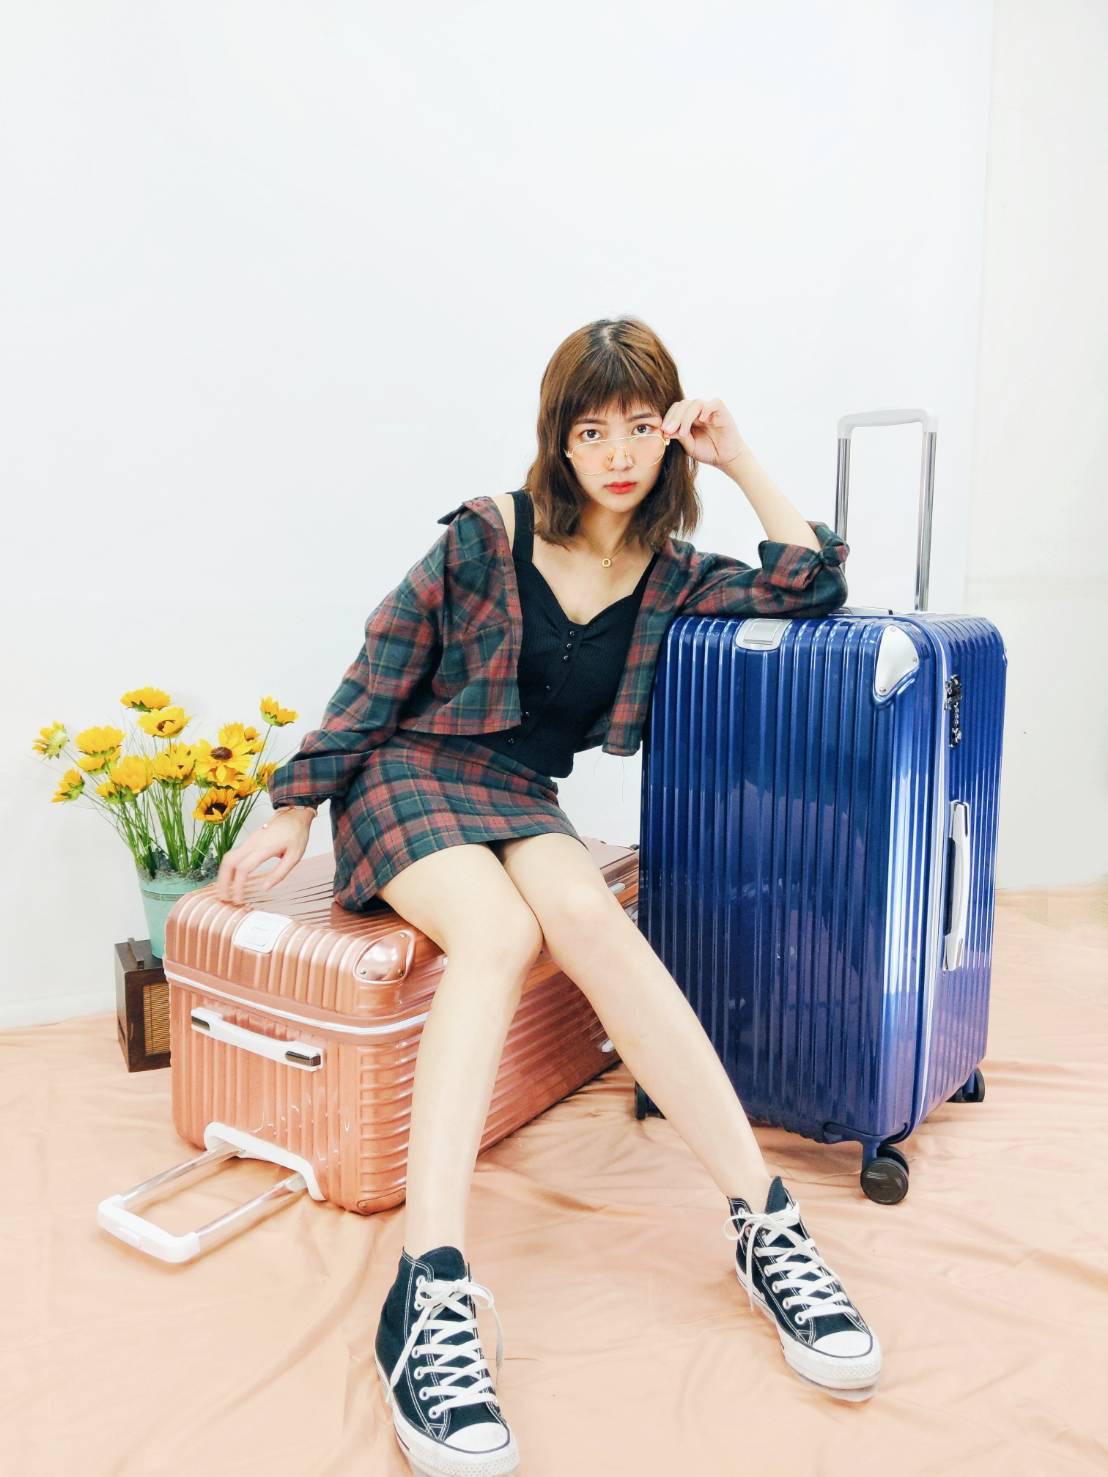 行李箱 容量